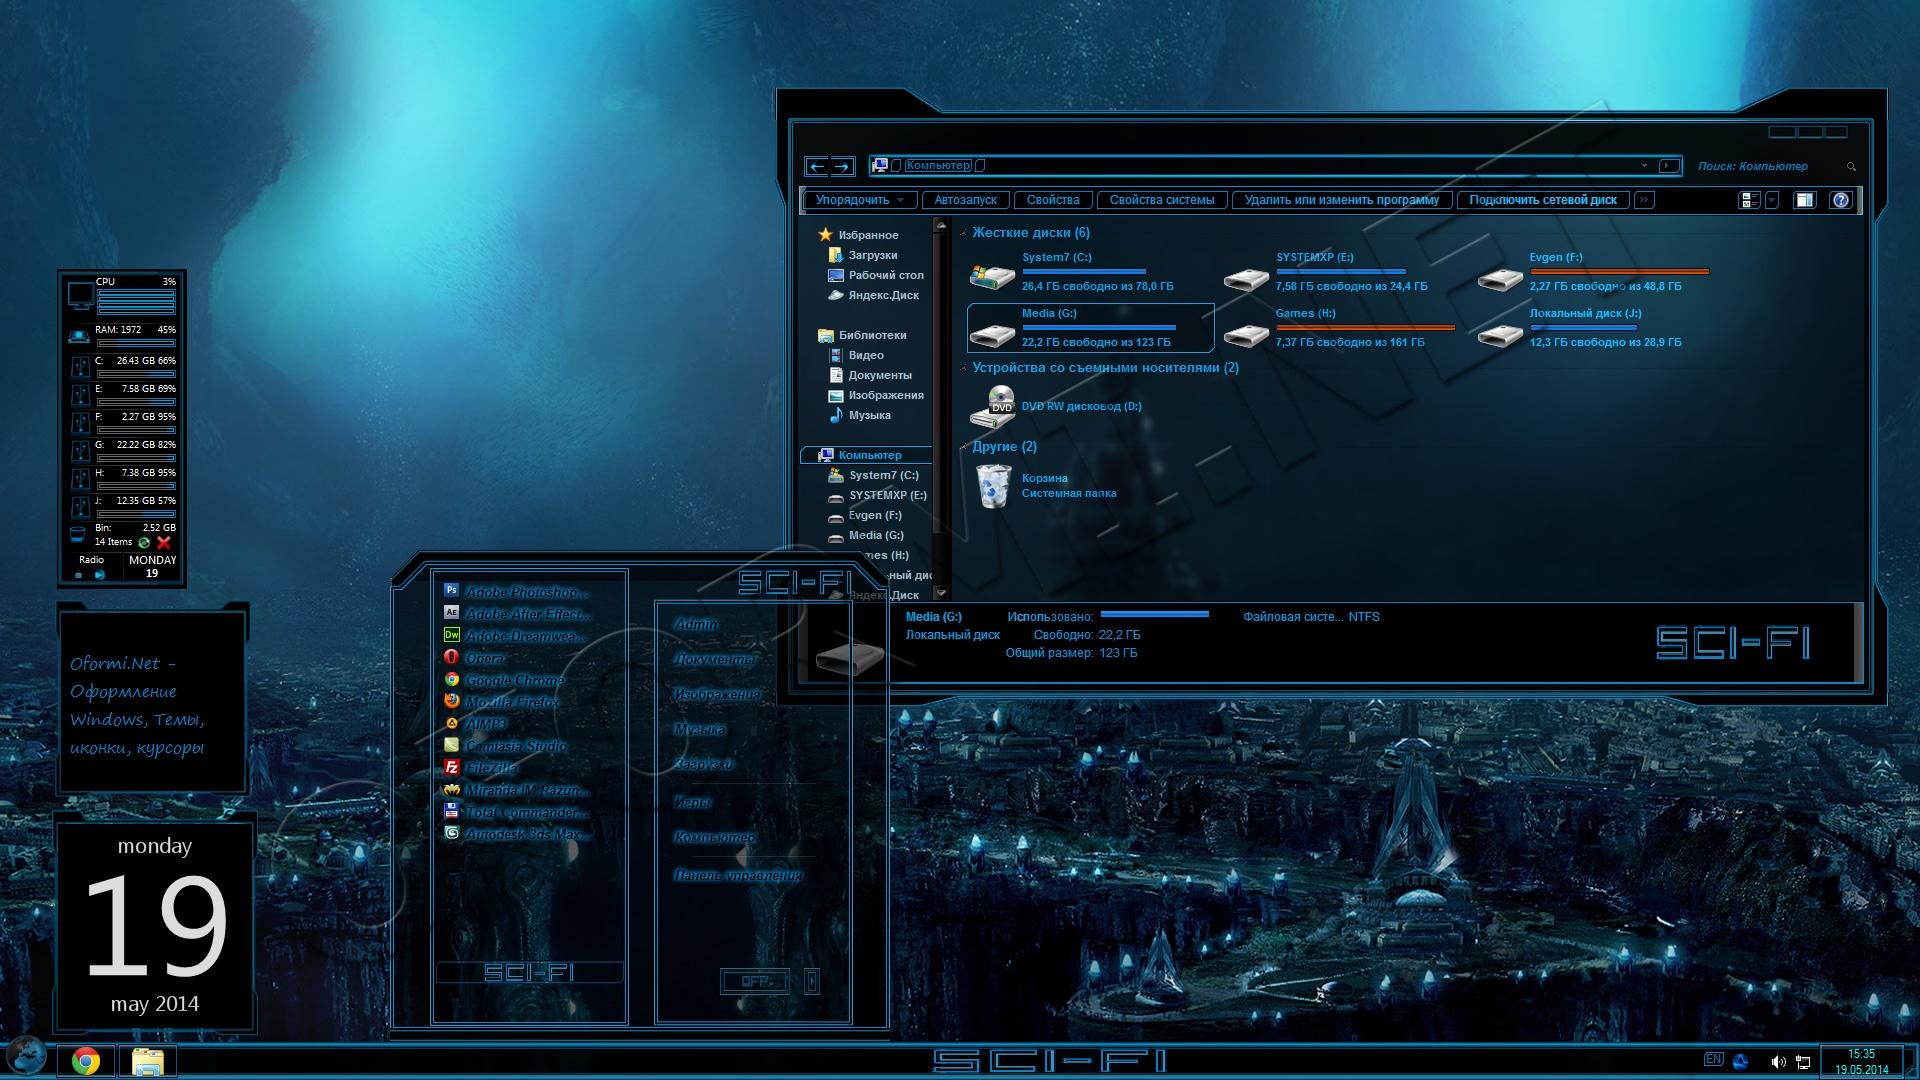 Как украсить рабочий стол windows 7 без программ